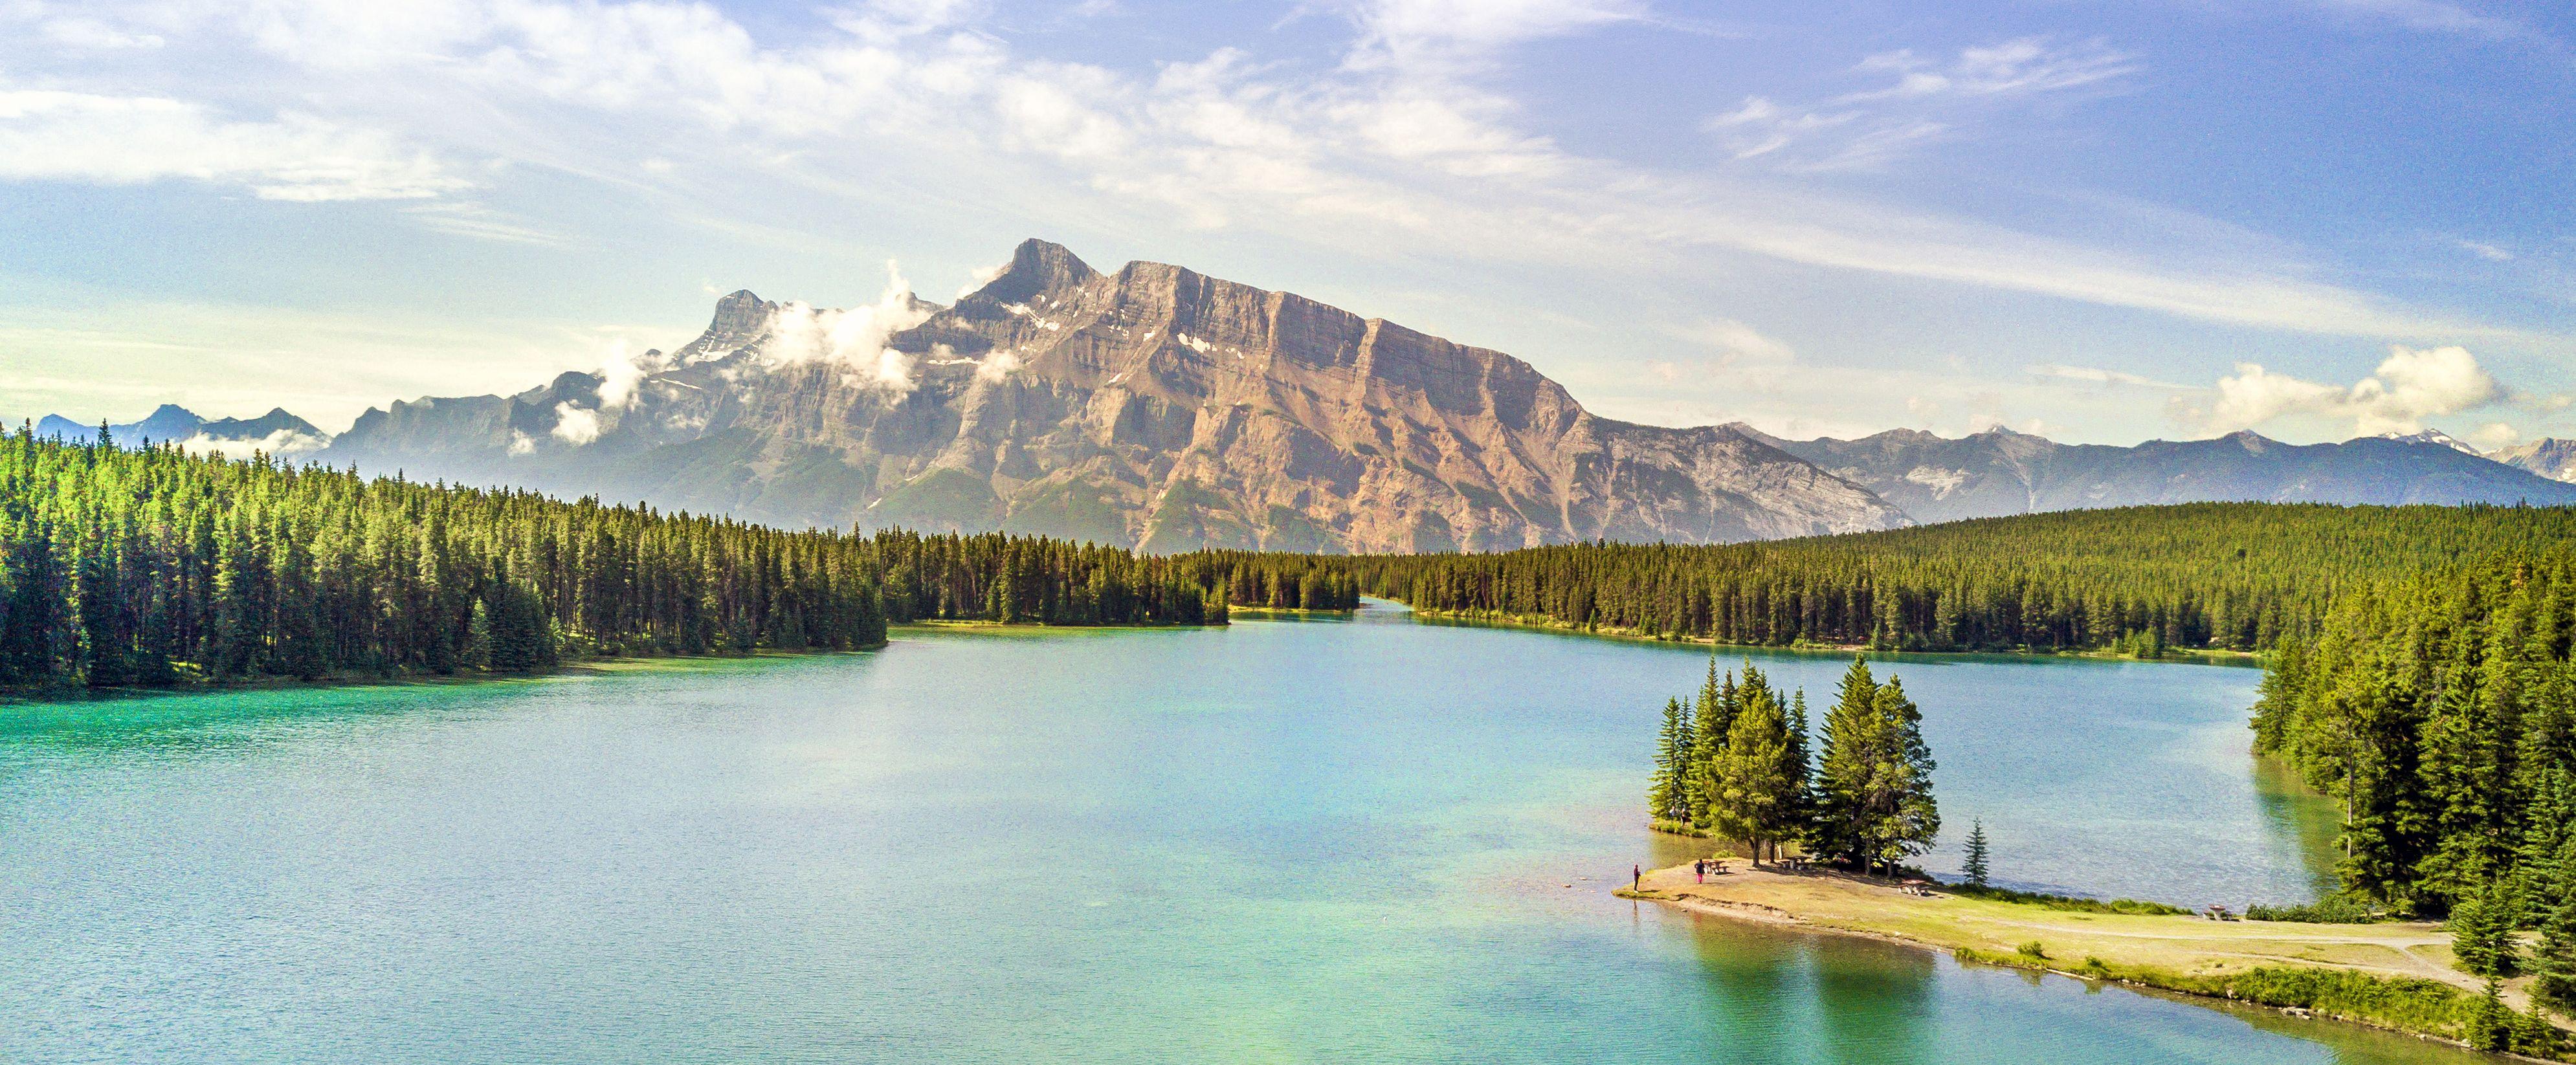 Ausblick auf den schönen Lake Minnewanka im Banff National Park